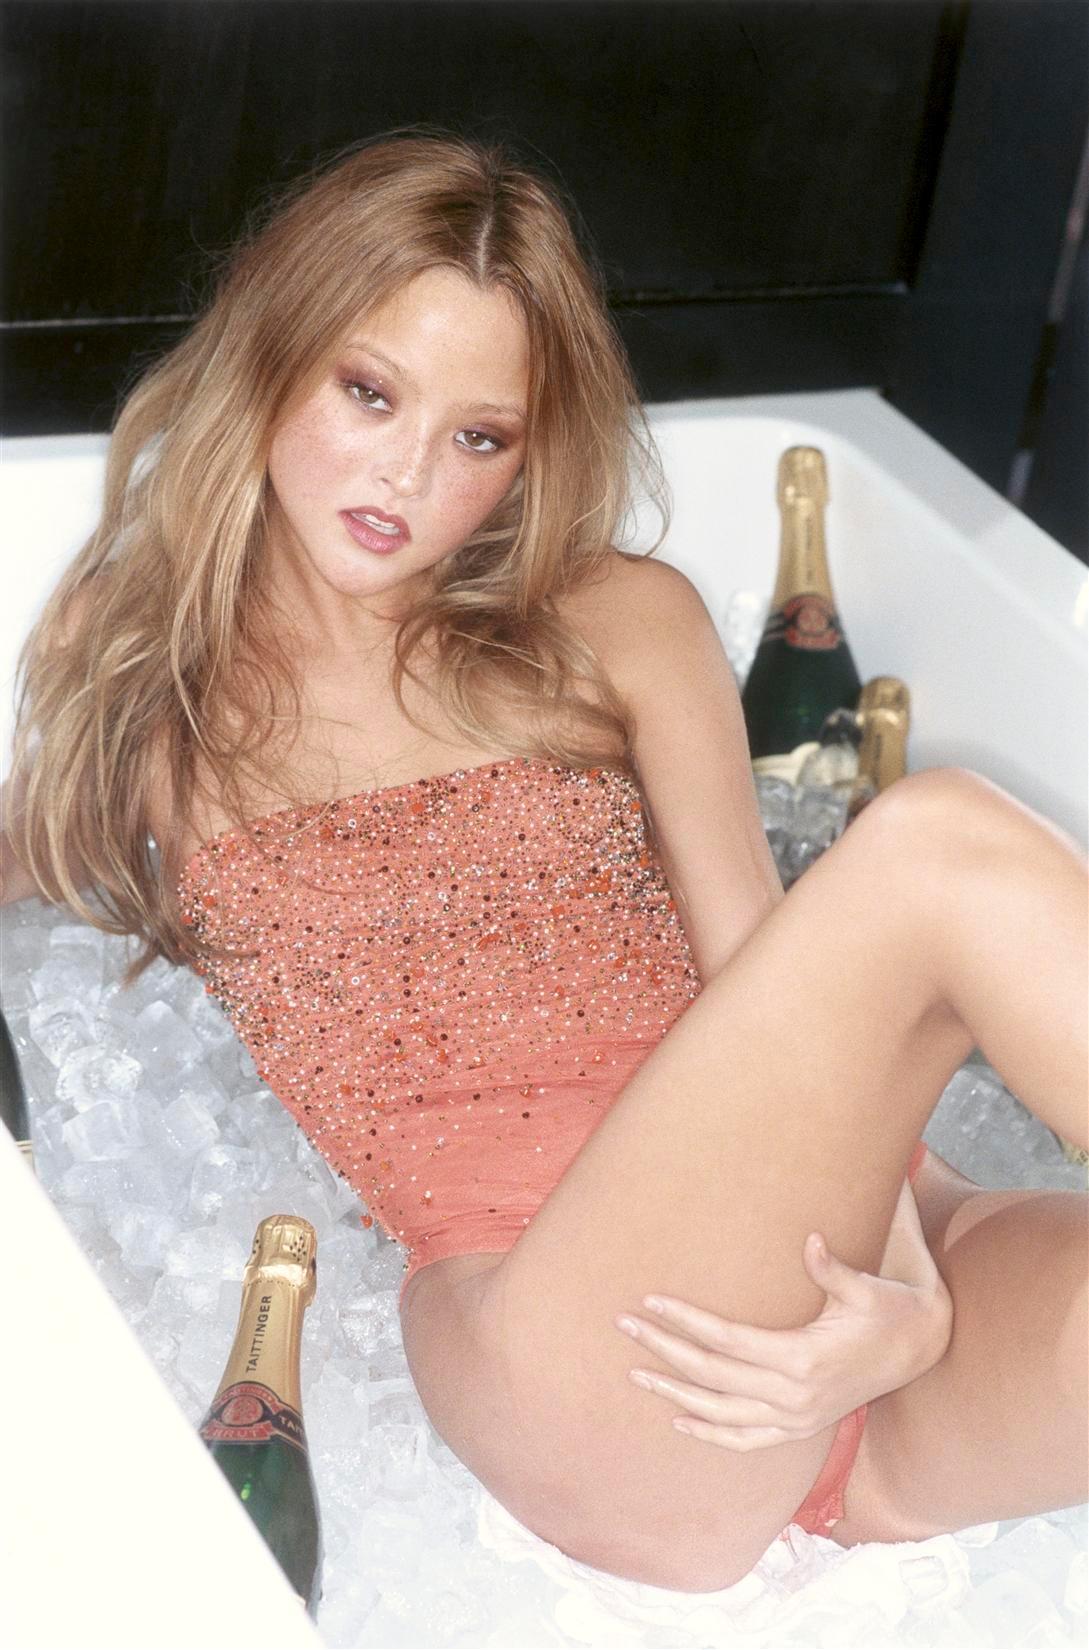 Смотреть Порно Видео Большие Сиськи Лесбиянки